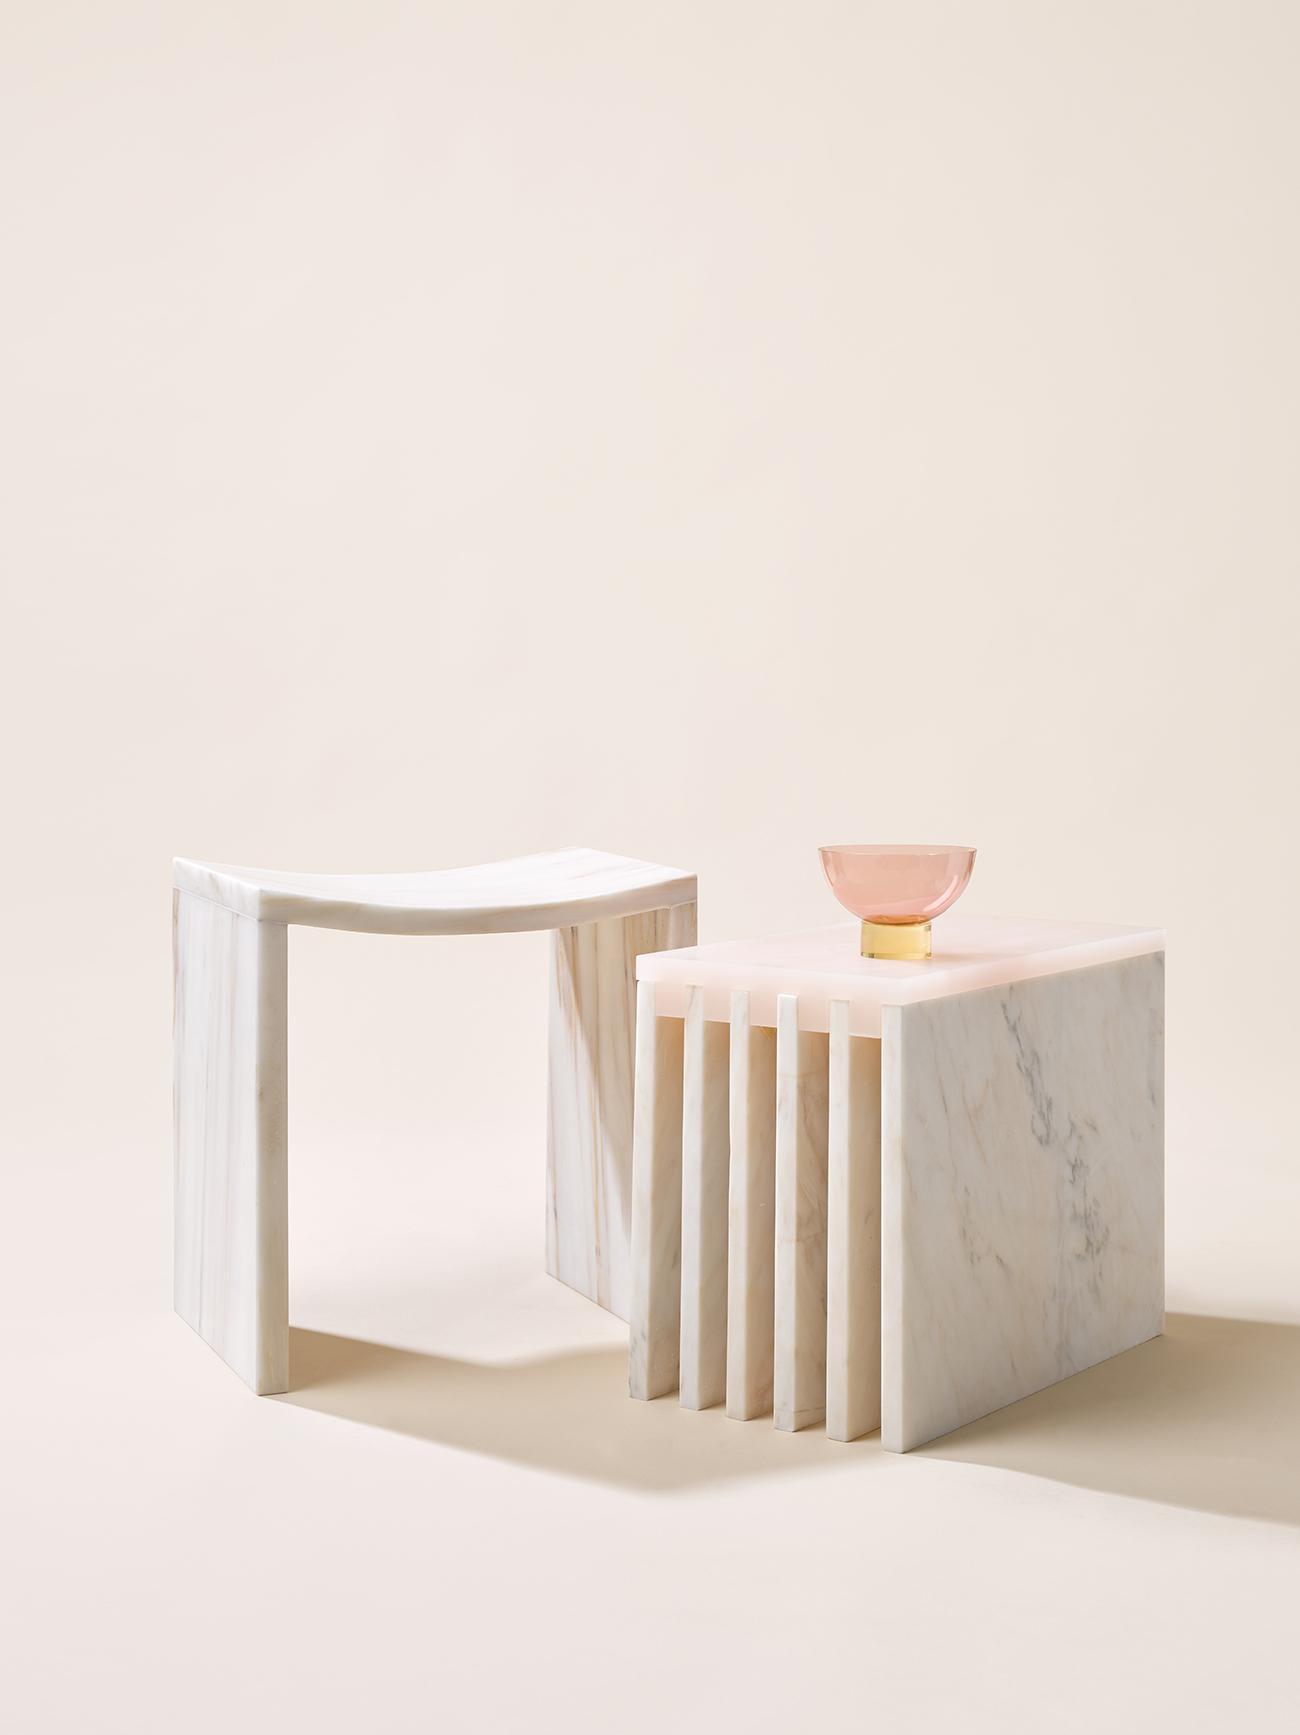 Intervista al duo di designer e architetti di OBJECT OF COMMON INTEREST | Collater.al 10